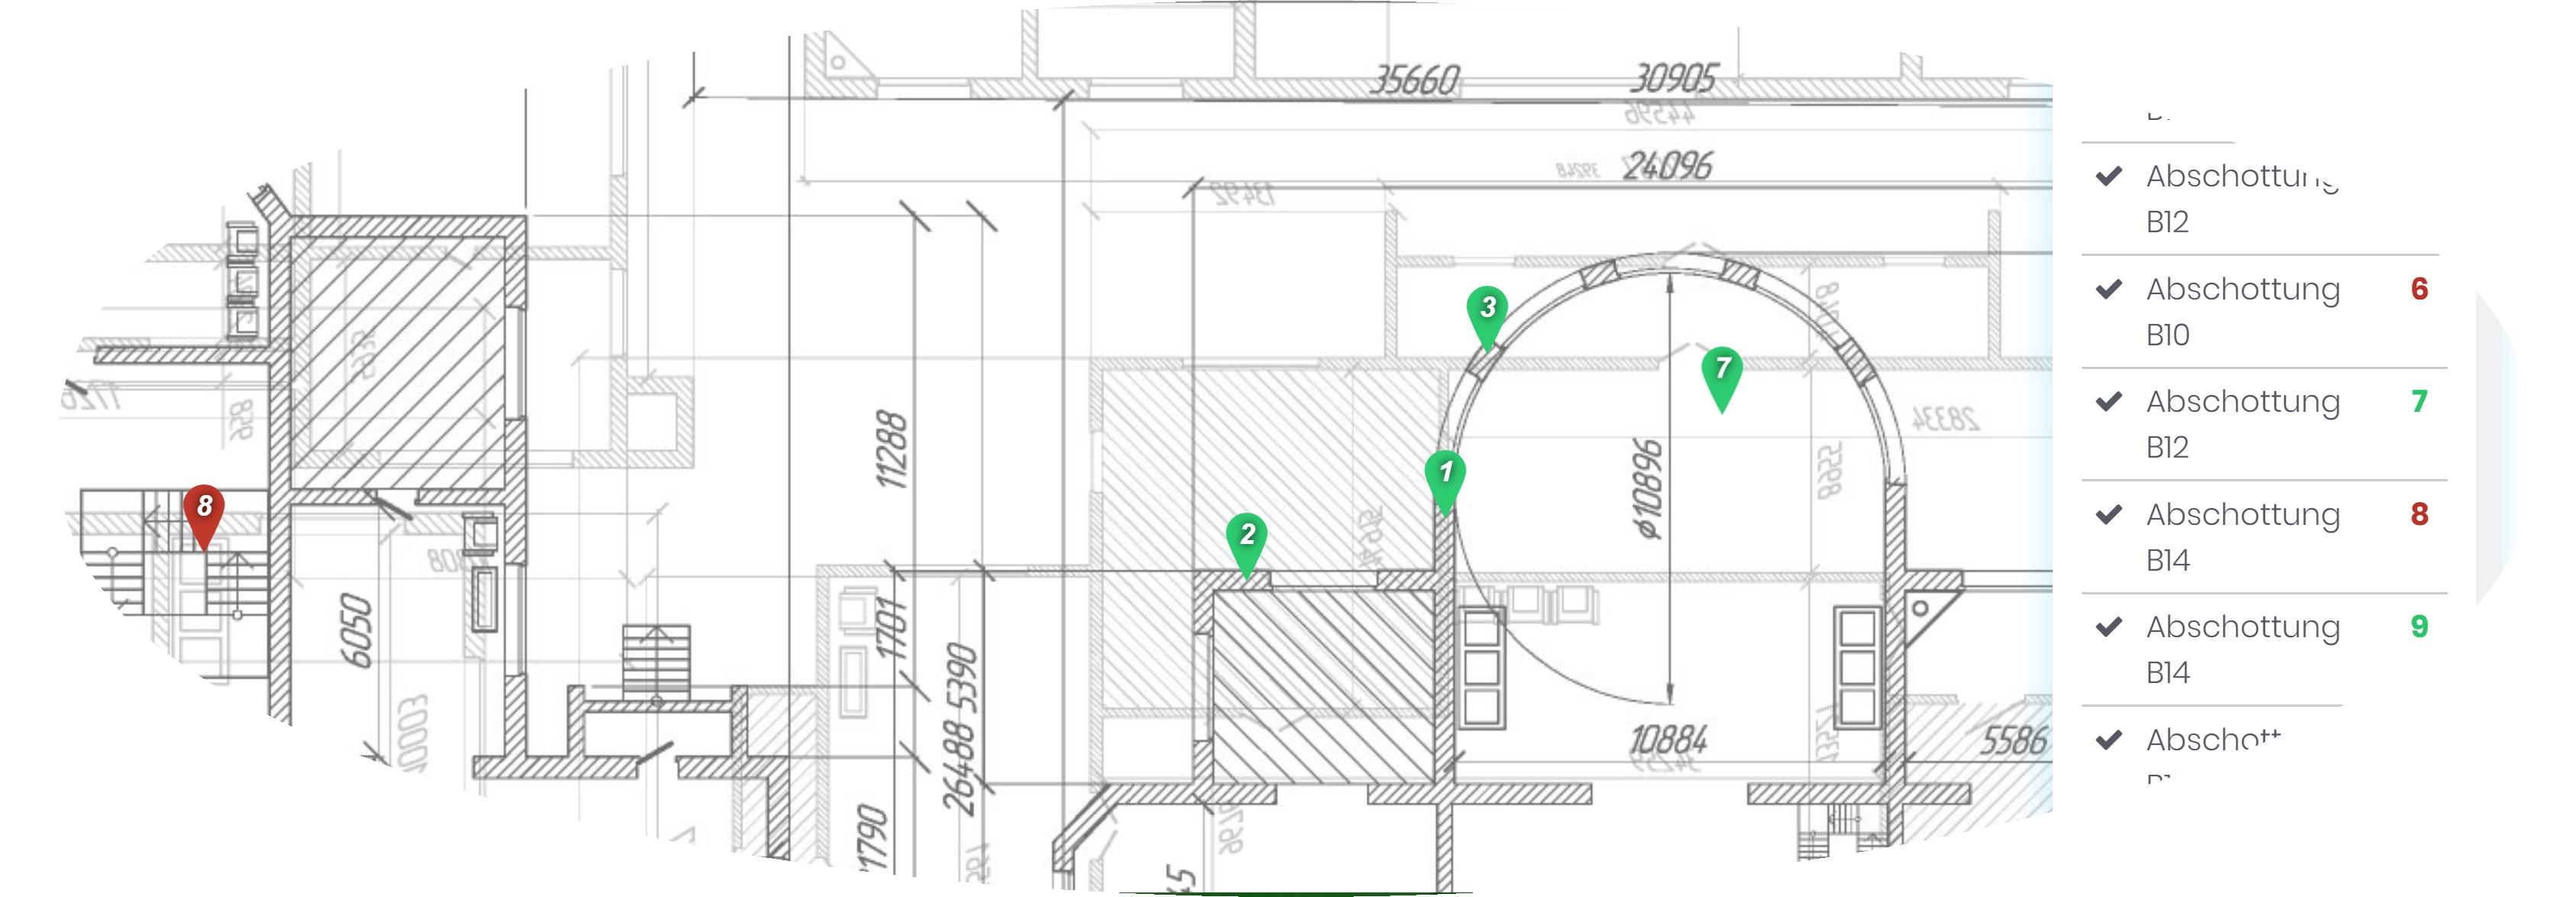 Bauplanmarkierungen in DokuPit